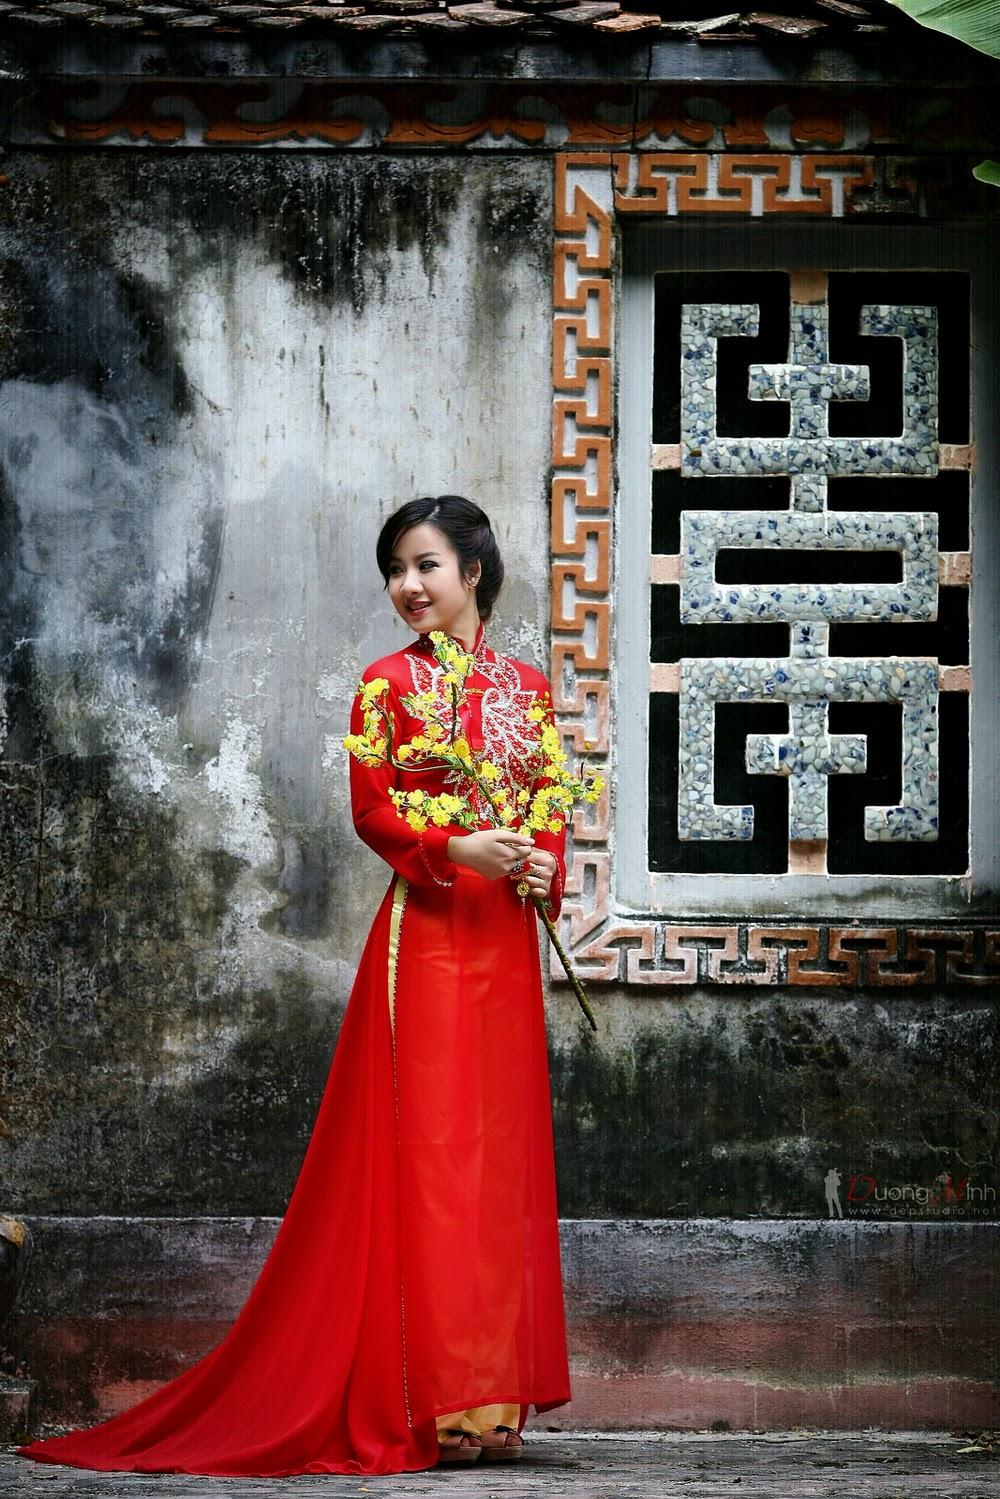 Ảnh đẹp girl xinh Áo dài truyền thống Việt Nam - Ảnh 10